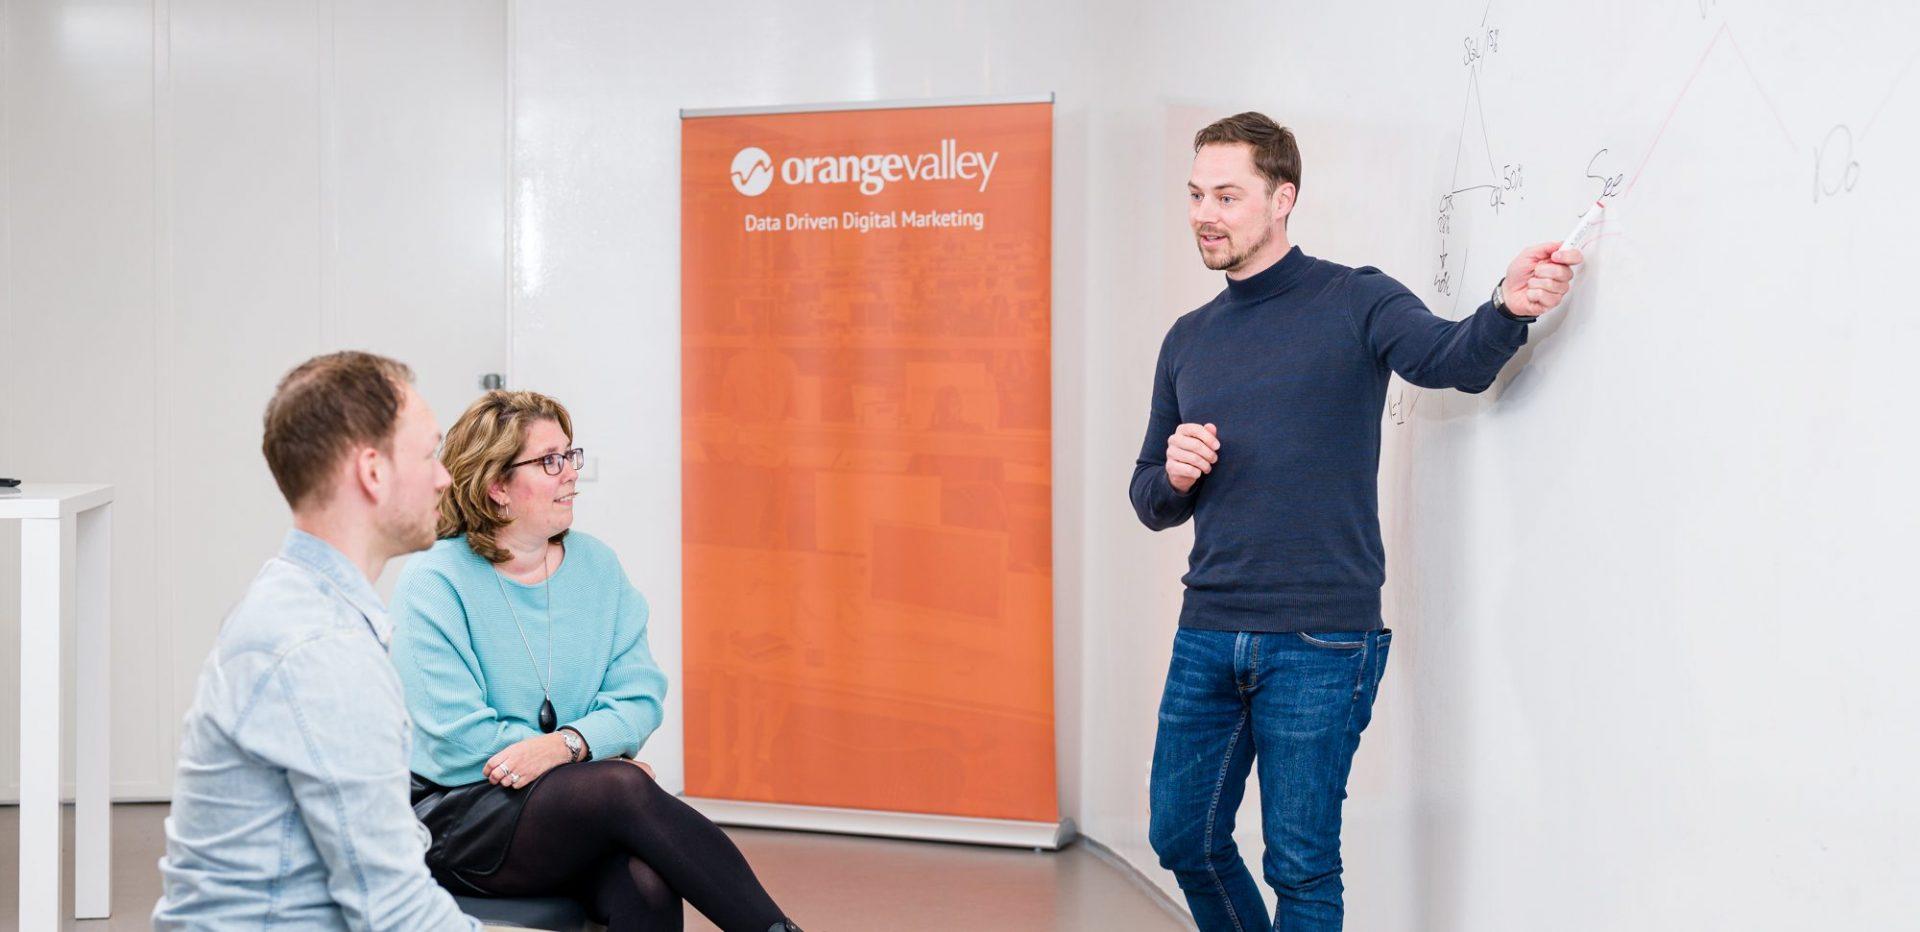 OrangeValley 2